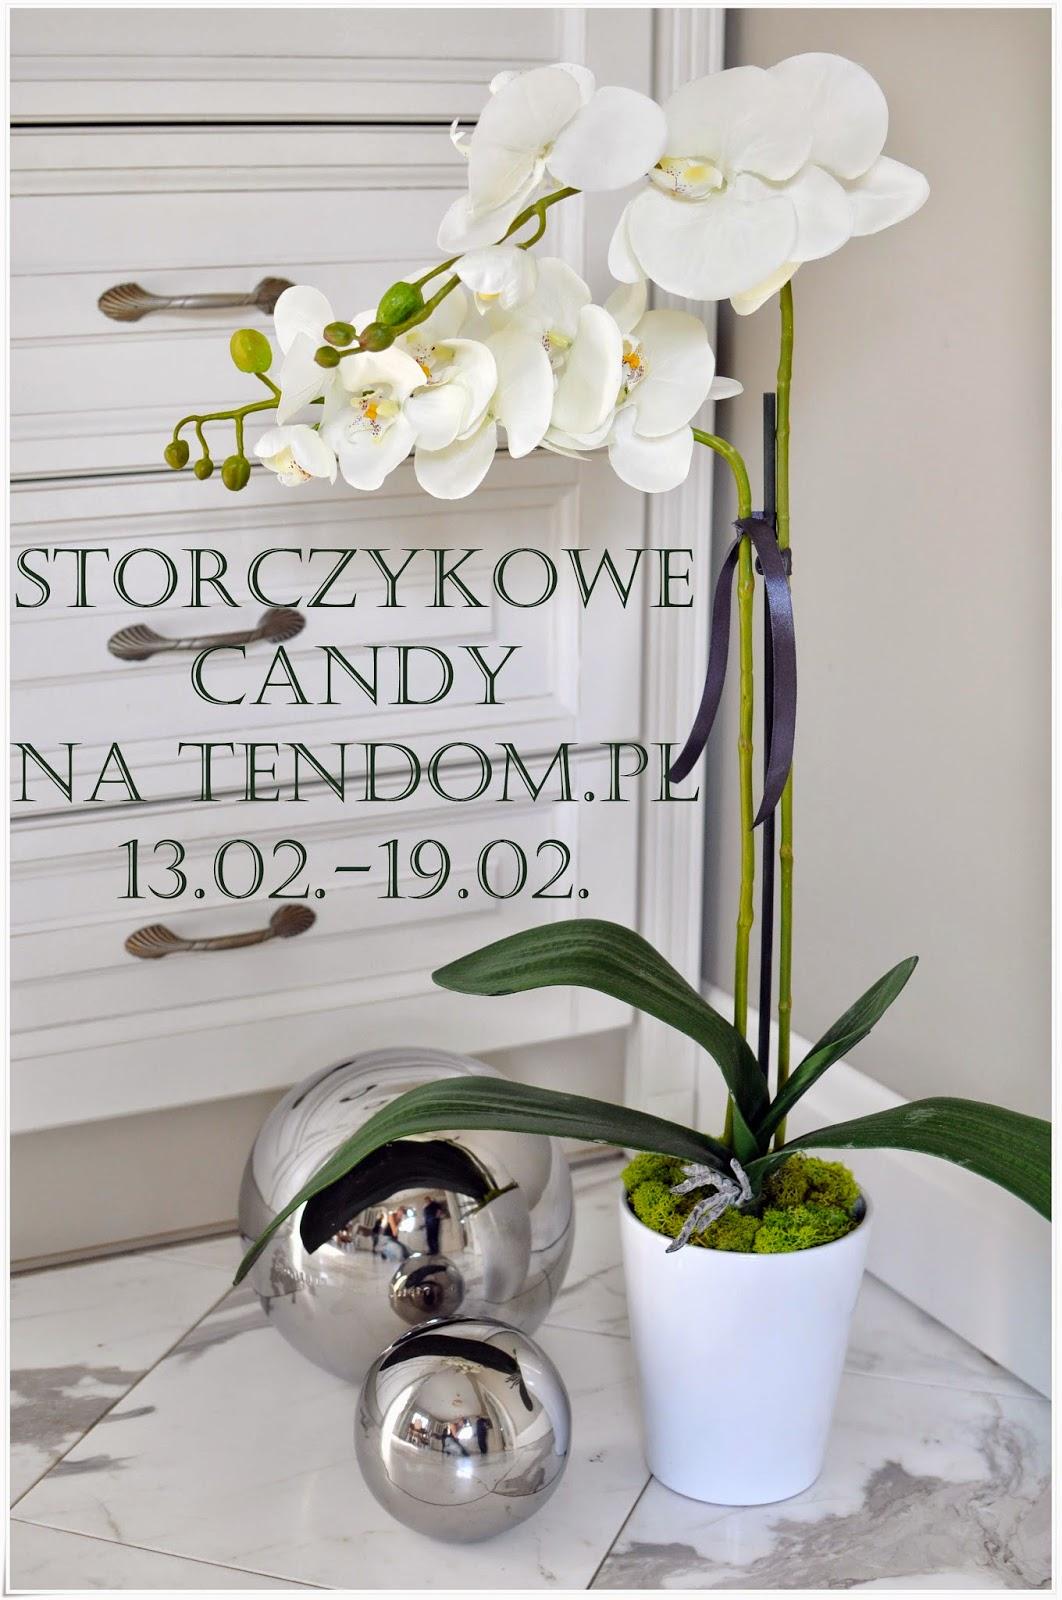 Storczykowe Candy z tendom.pl